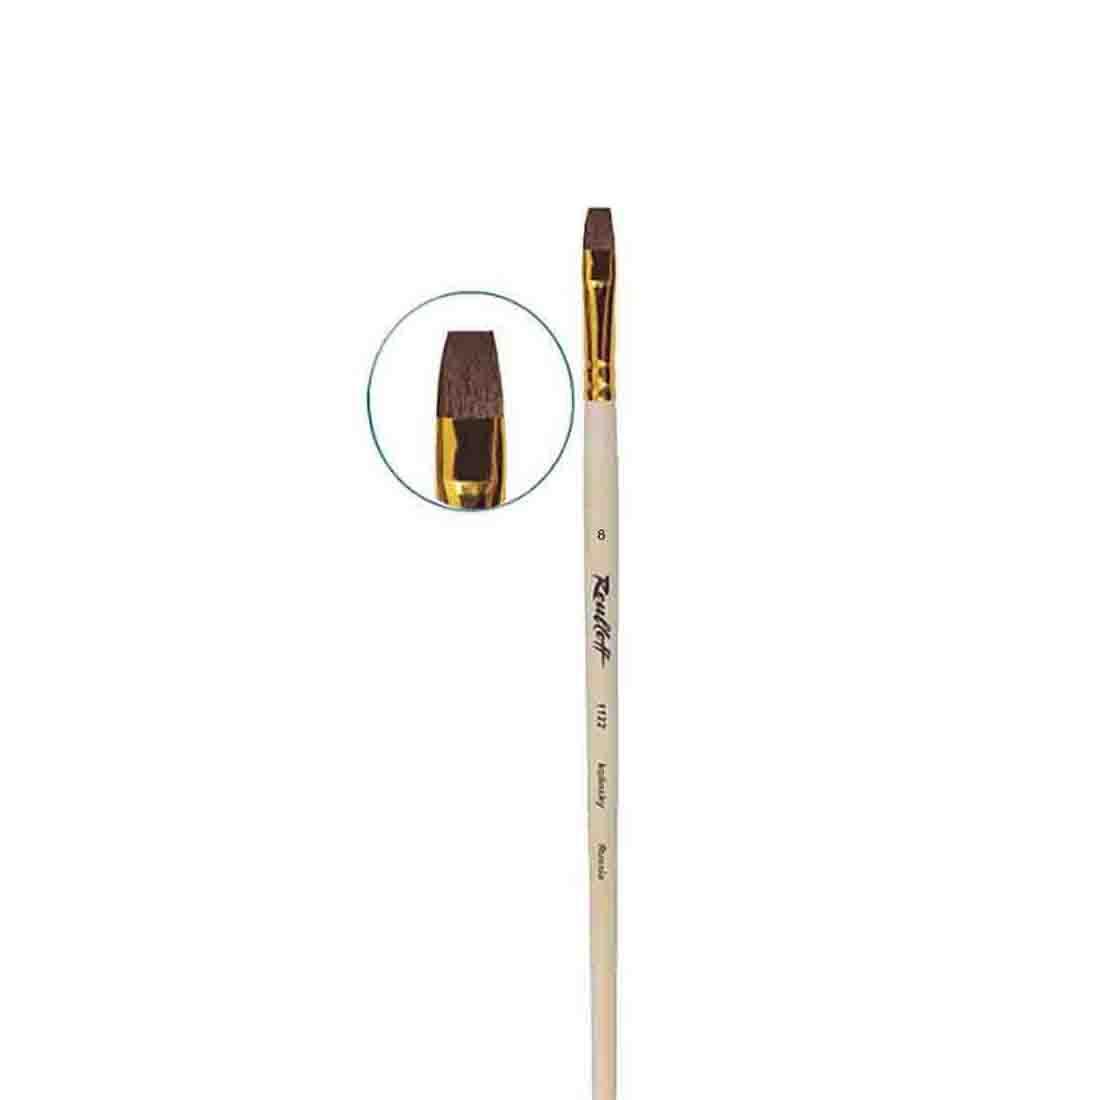 Купить Кисть колонок №8 плоская Roubloff 1122 длинная ручка п/лак, Россия